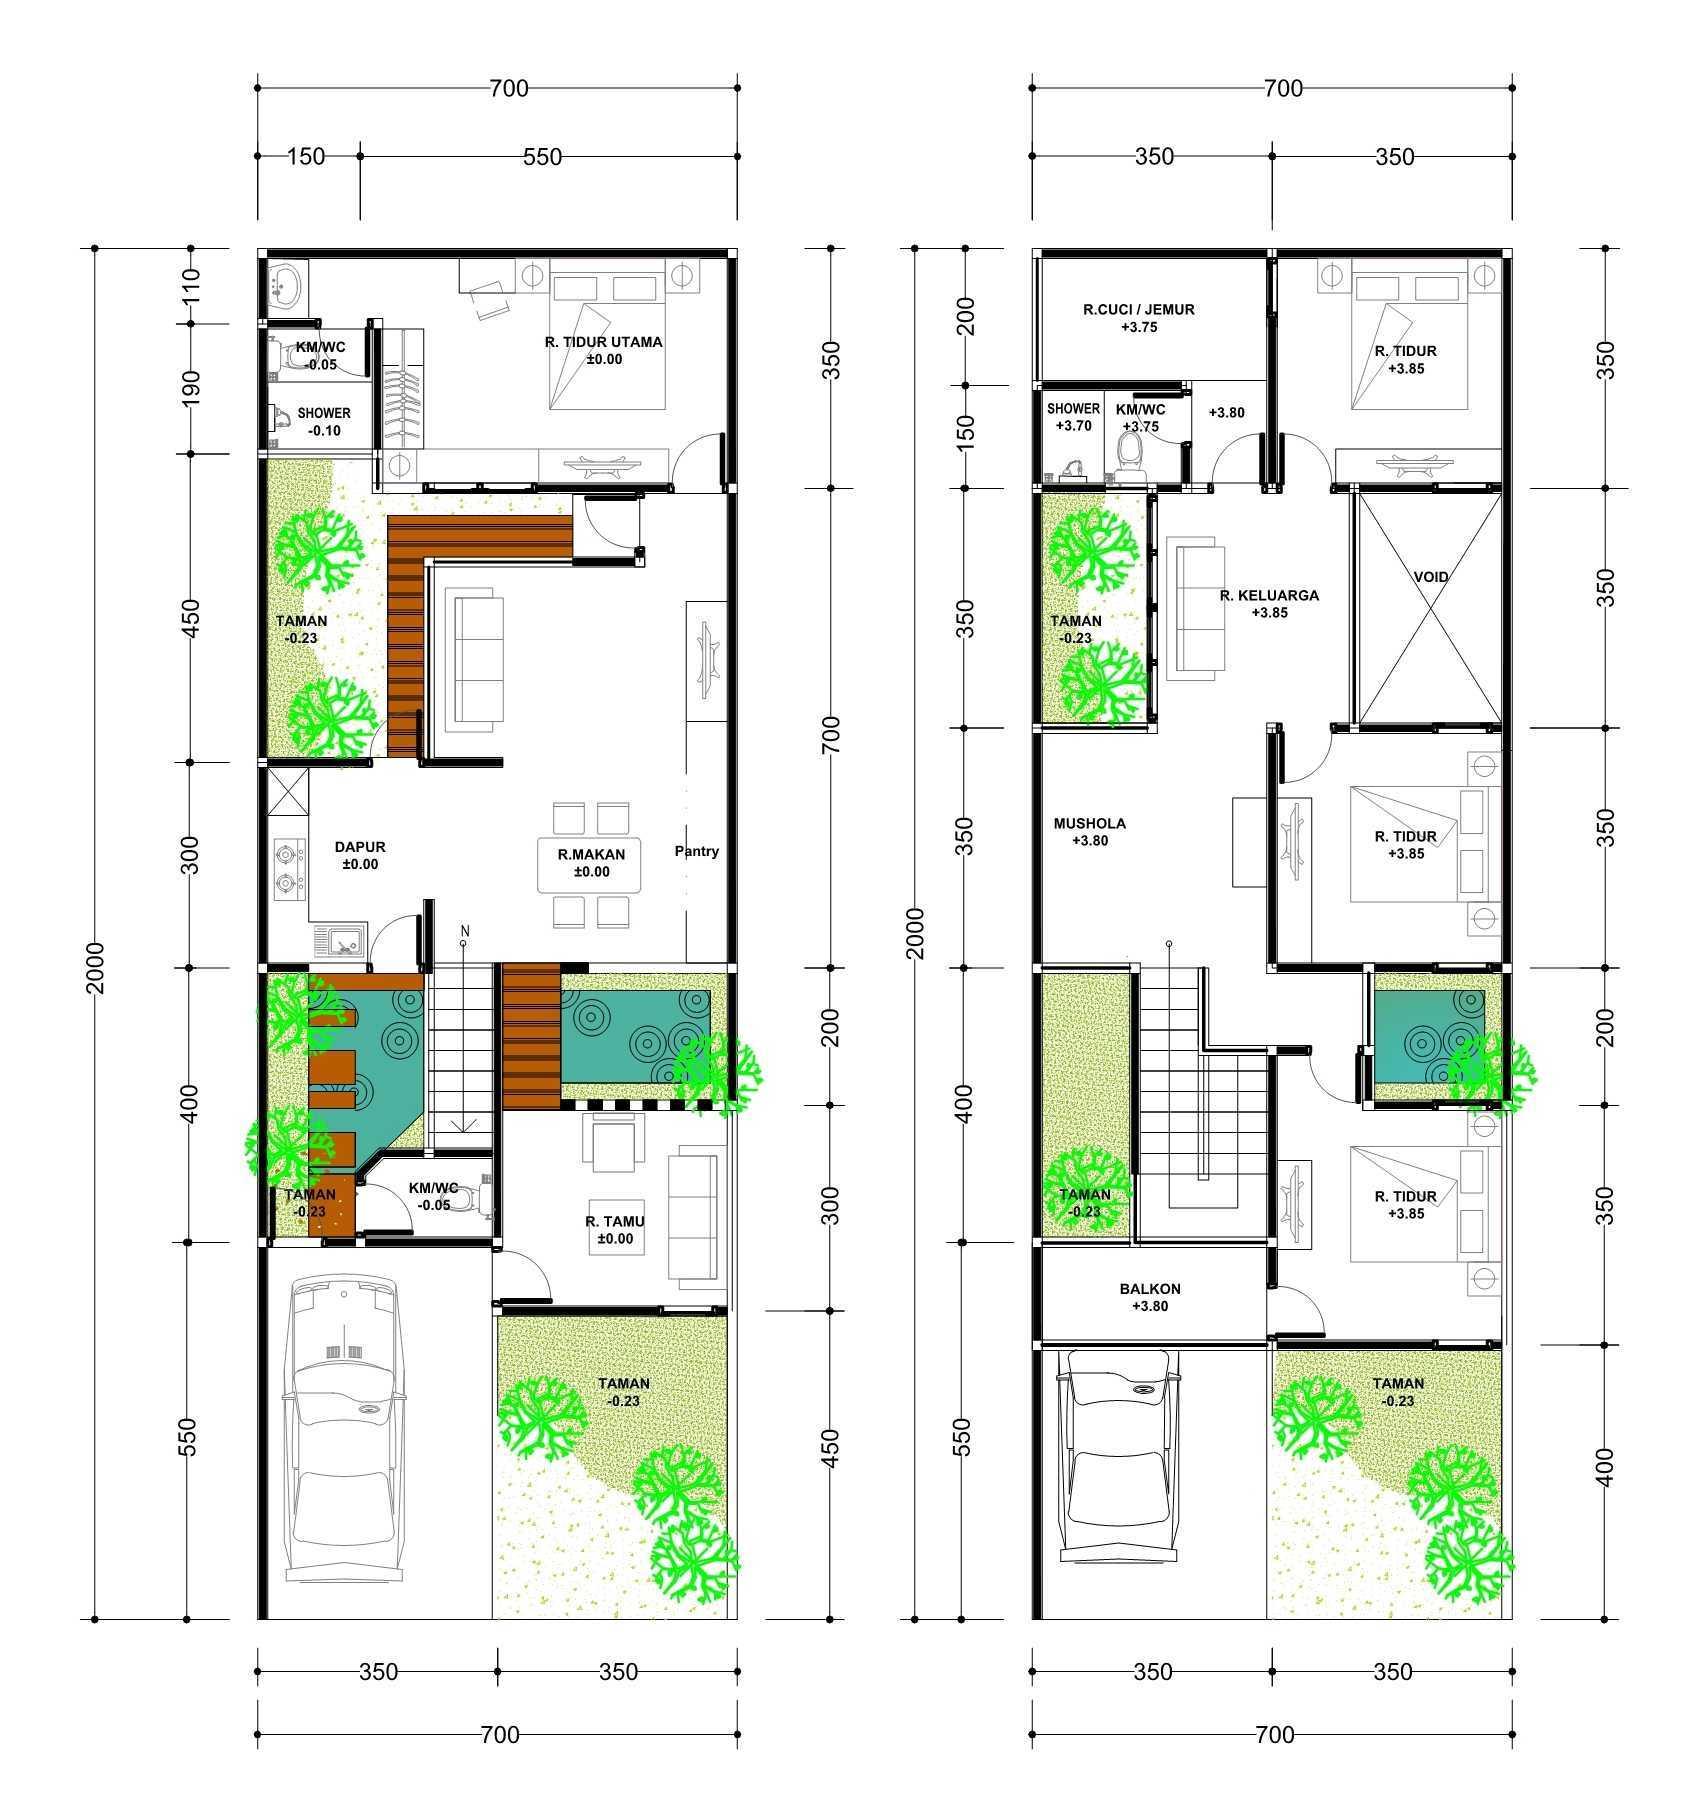 Aditya Wijaya / Studio Indirakasa  A House  Sidoarjo Sidoarjo Sidoarjo Site Plan Kontemporer  15561